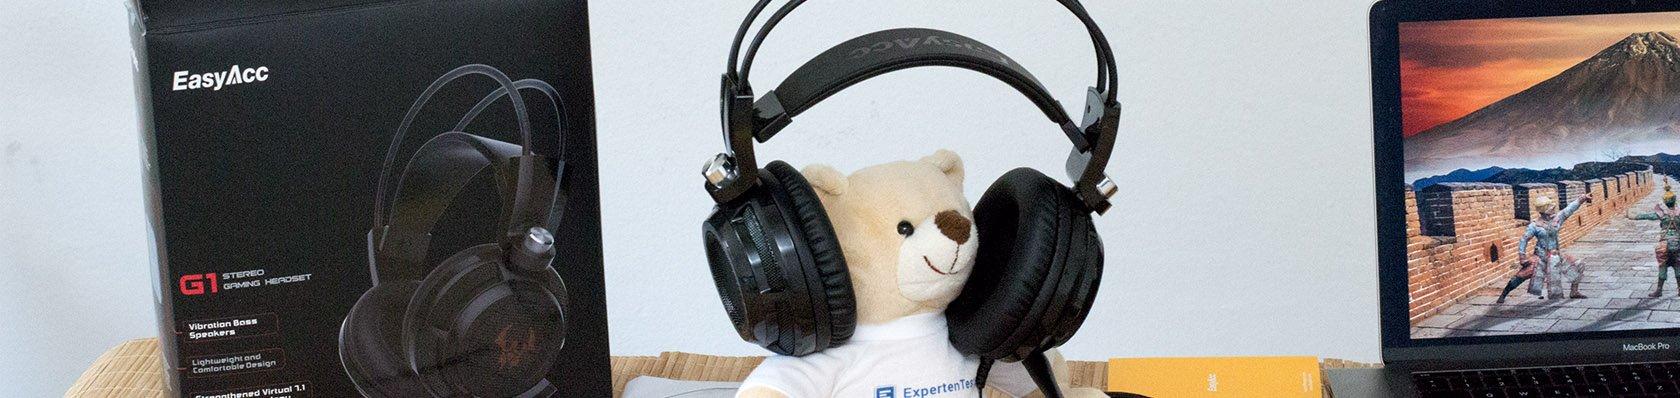 Headsets im Test auf ExpertenTesten.de